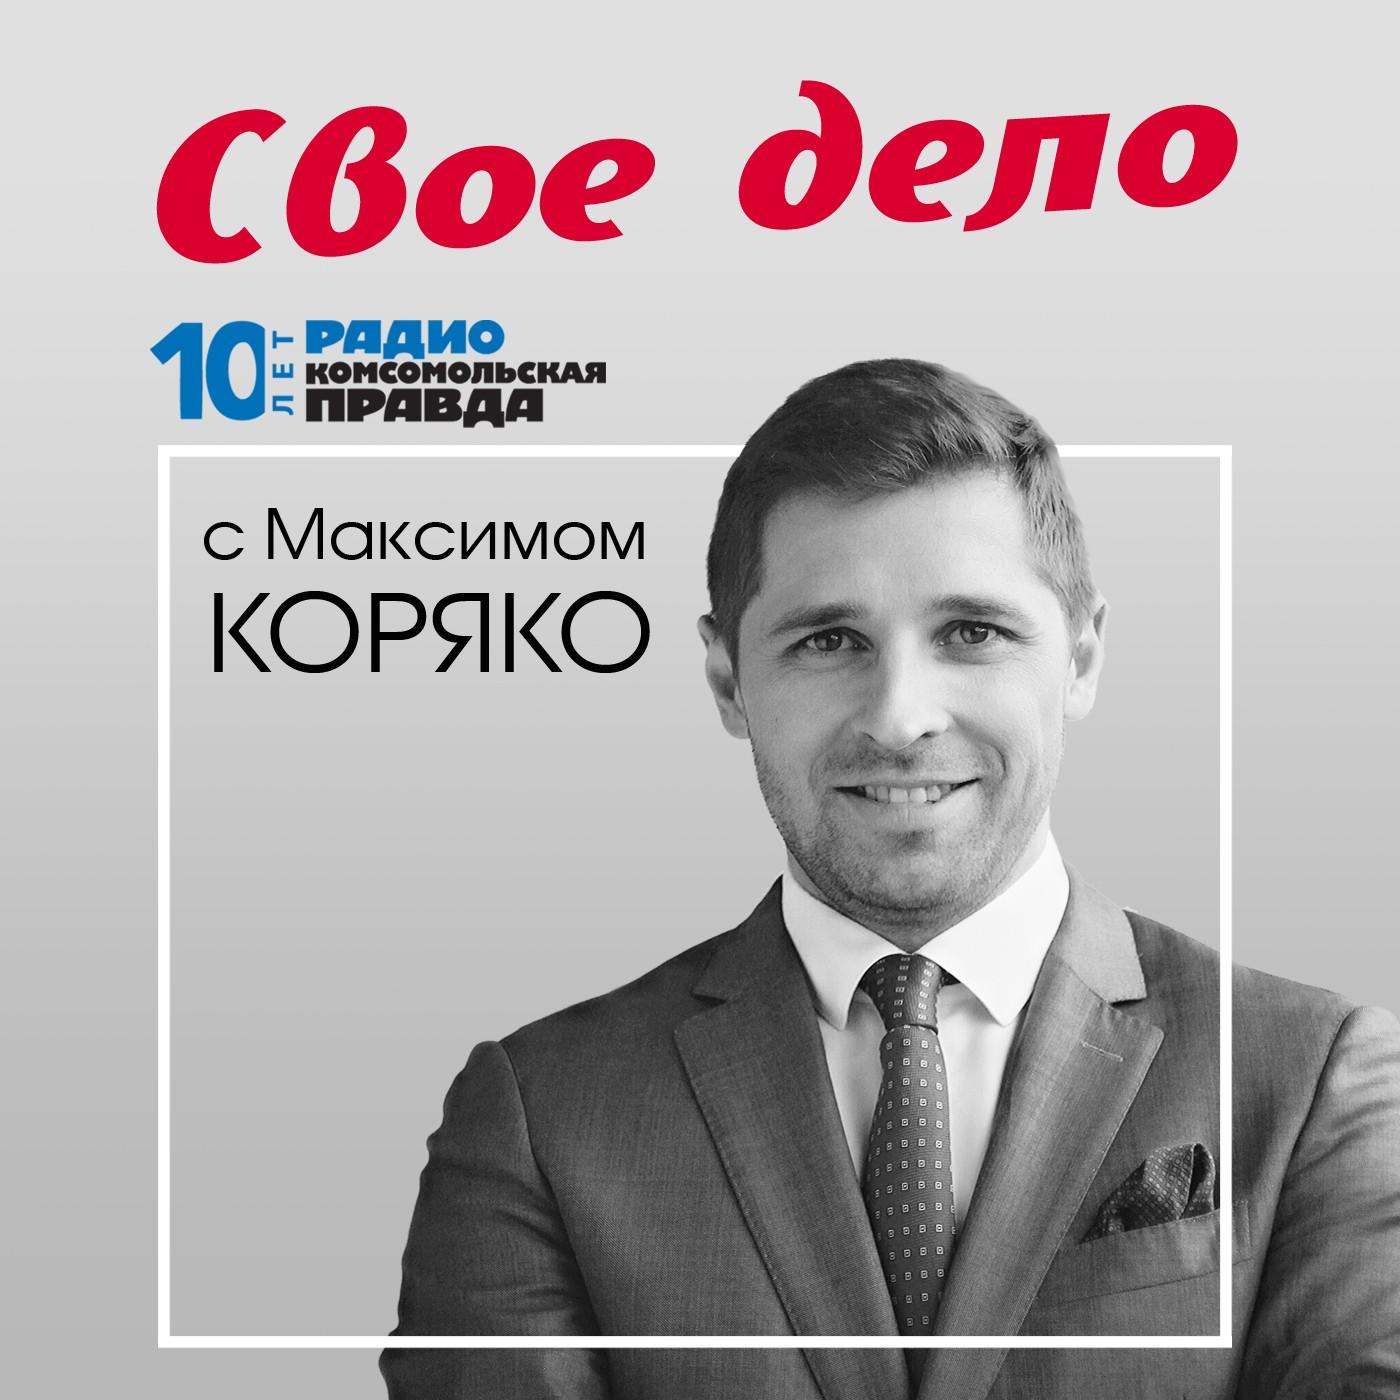 Радио «Комсомольская правда» Шоколадные реки, мармеладные берега. Островки сладостей в торговых центрах